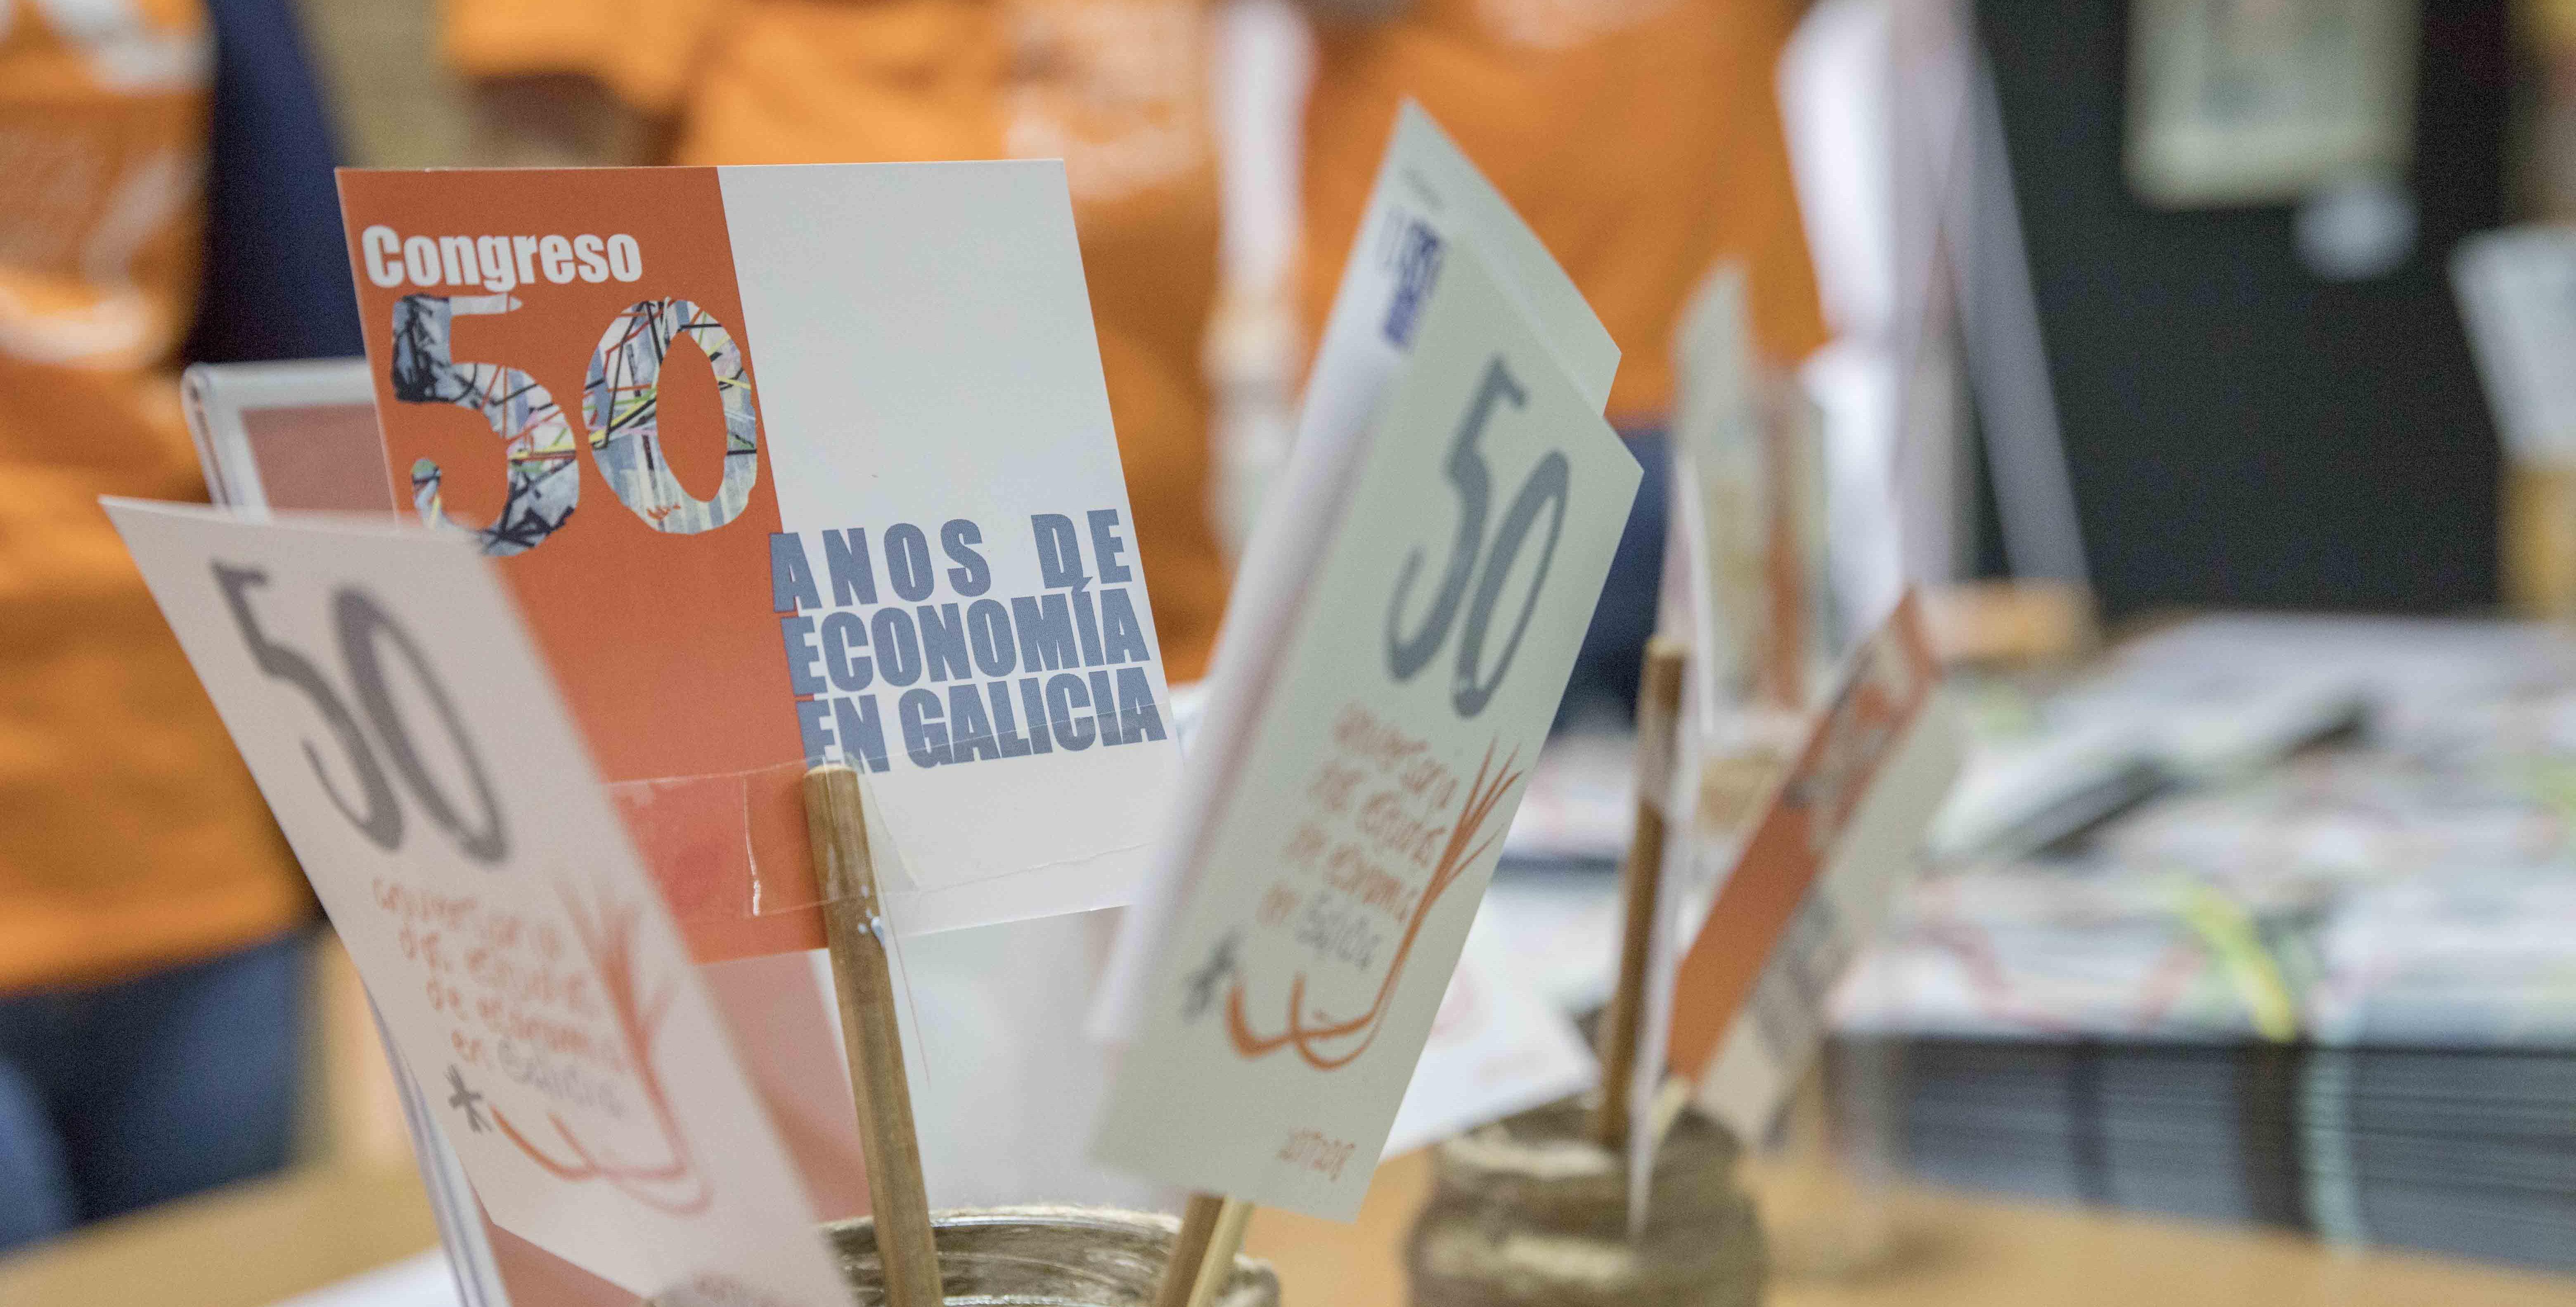 Congreso 50 años de economía en Galicia,